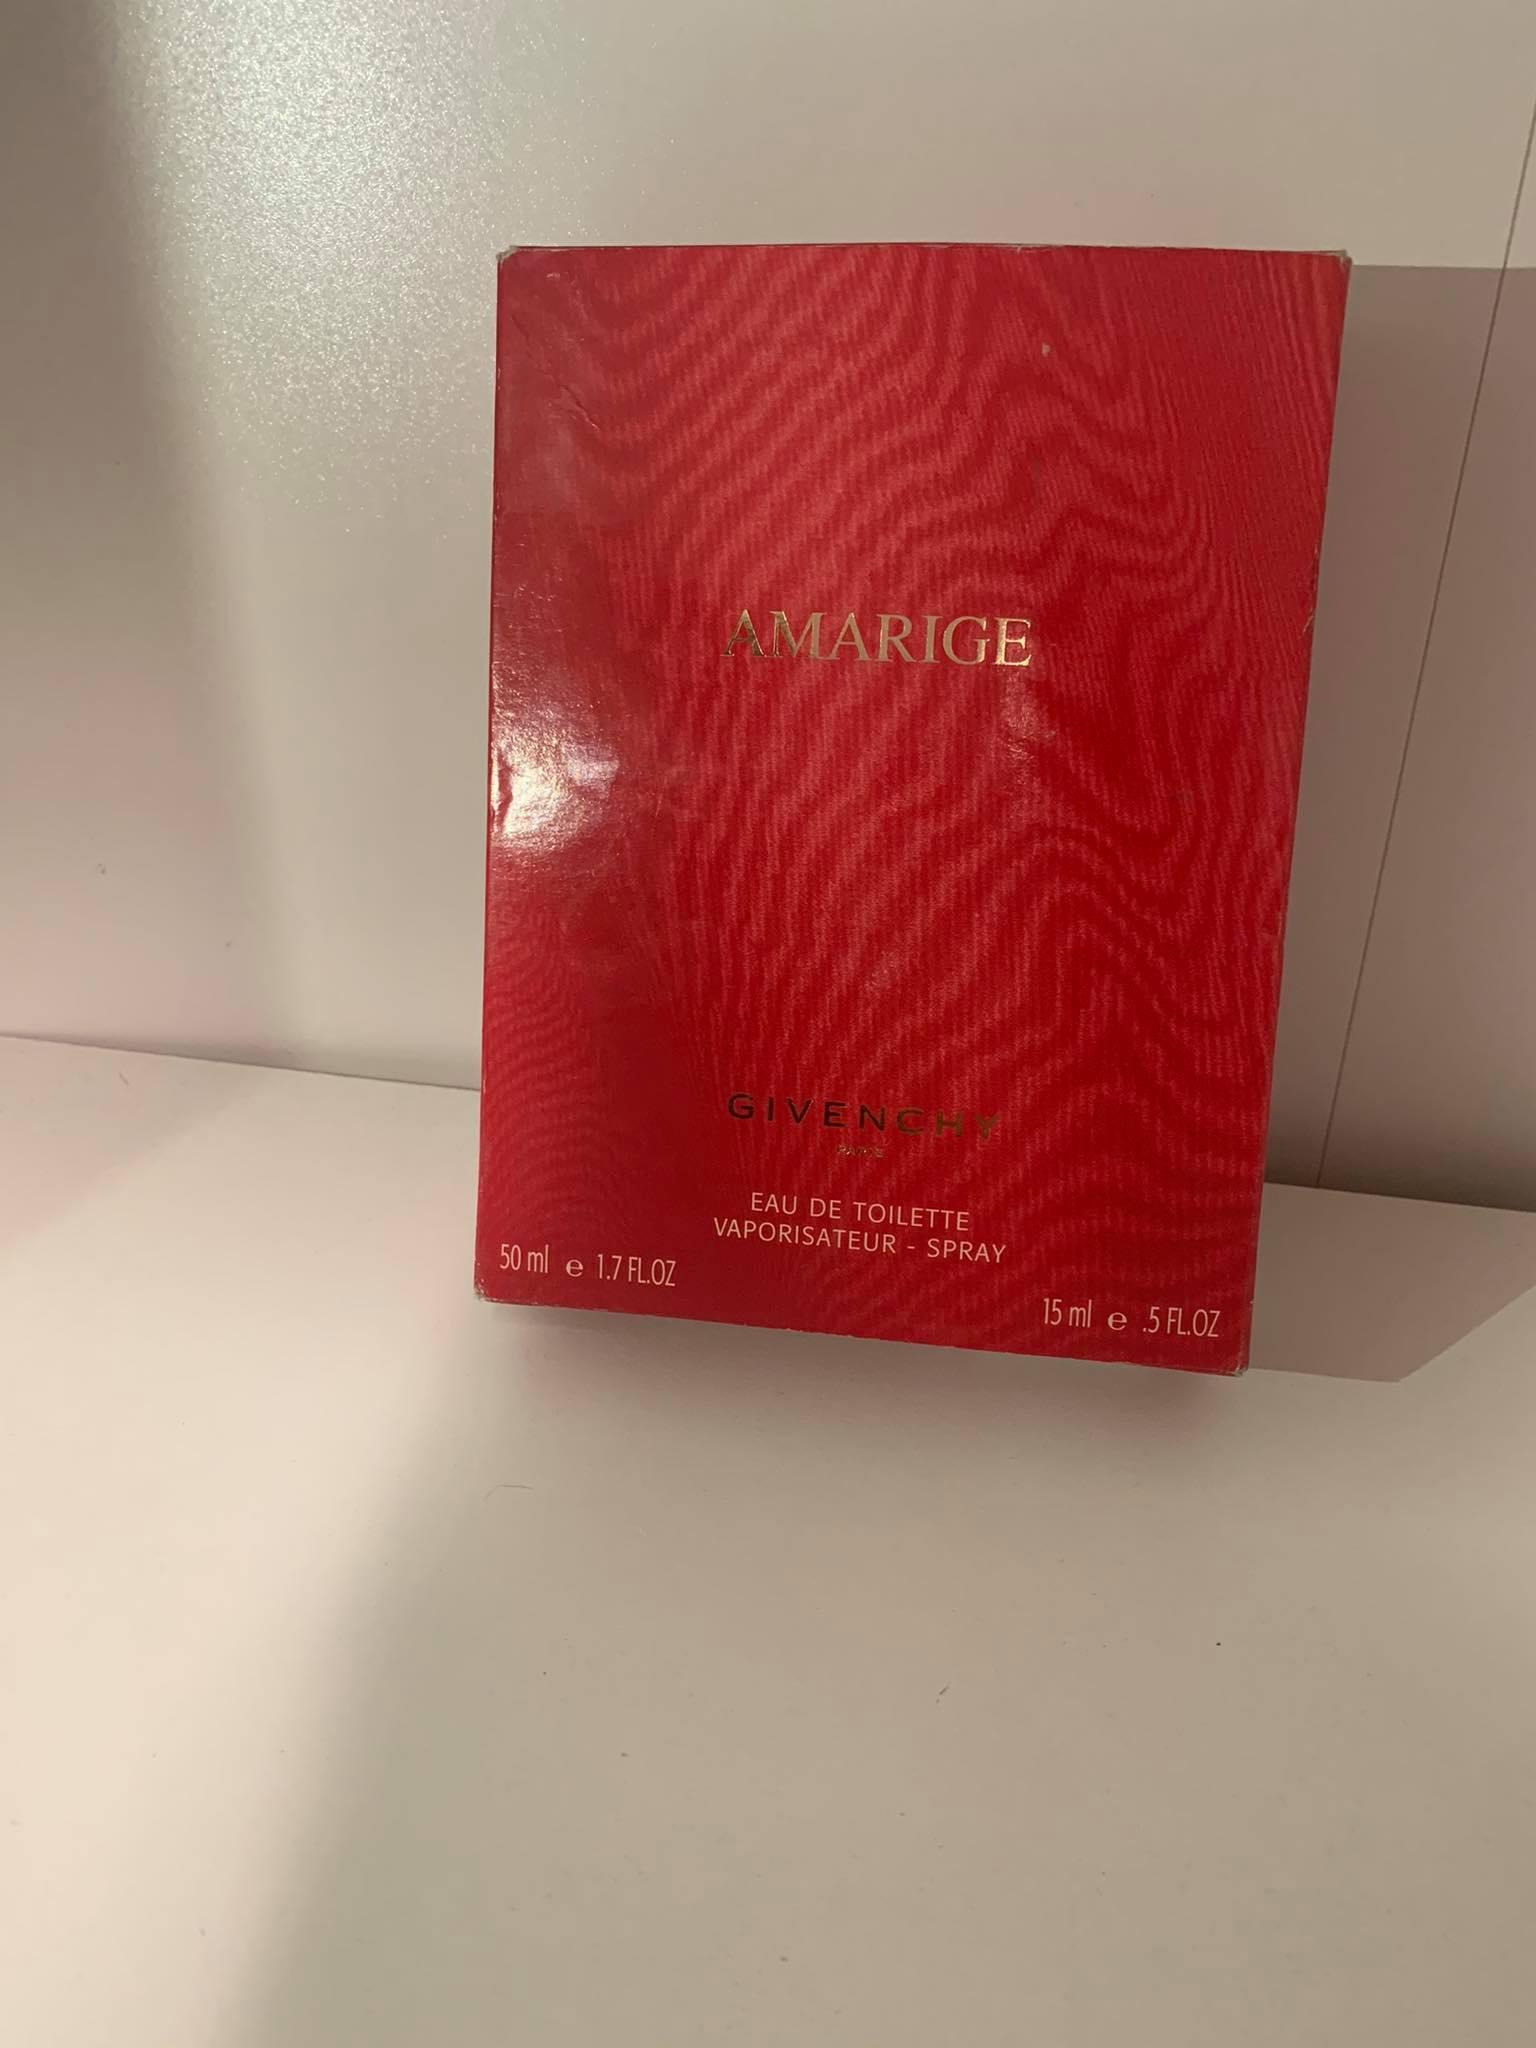 Givenchy Amarige SET: edt 50ml + edt 15ml